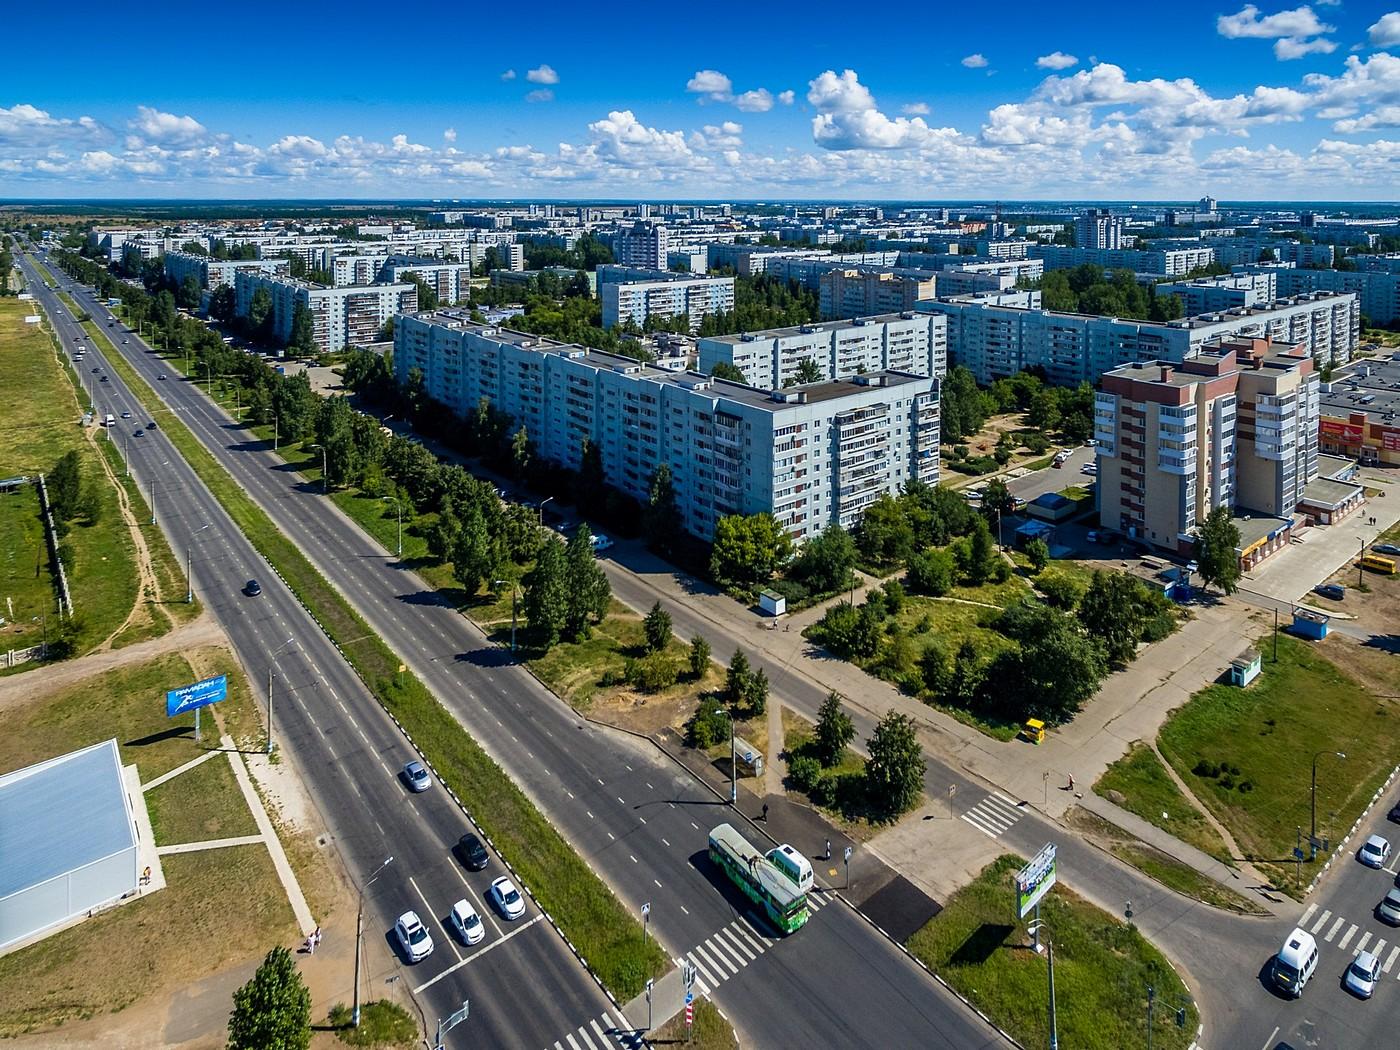 фото нового города ульяновска проведения ритуала рунической